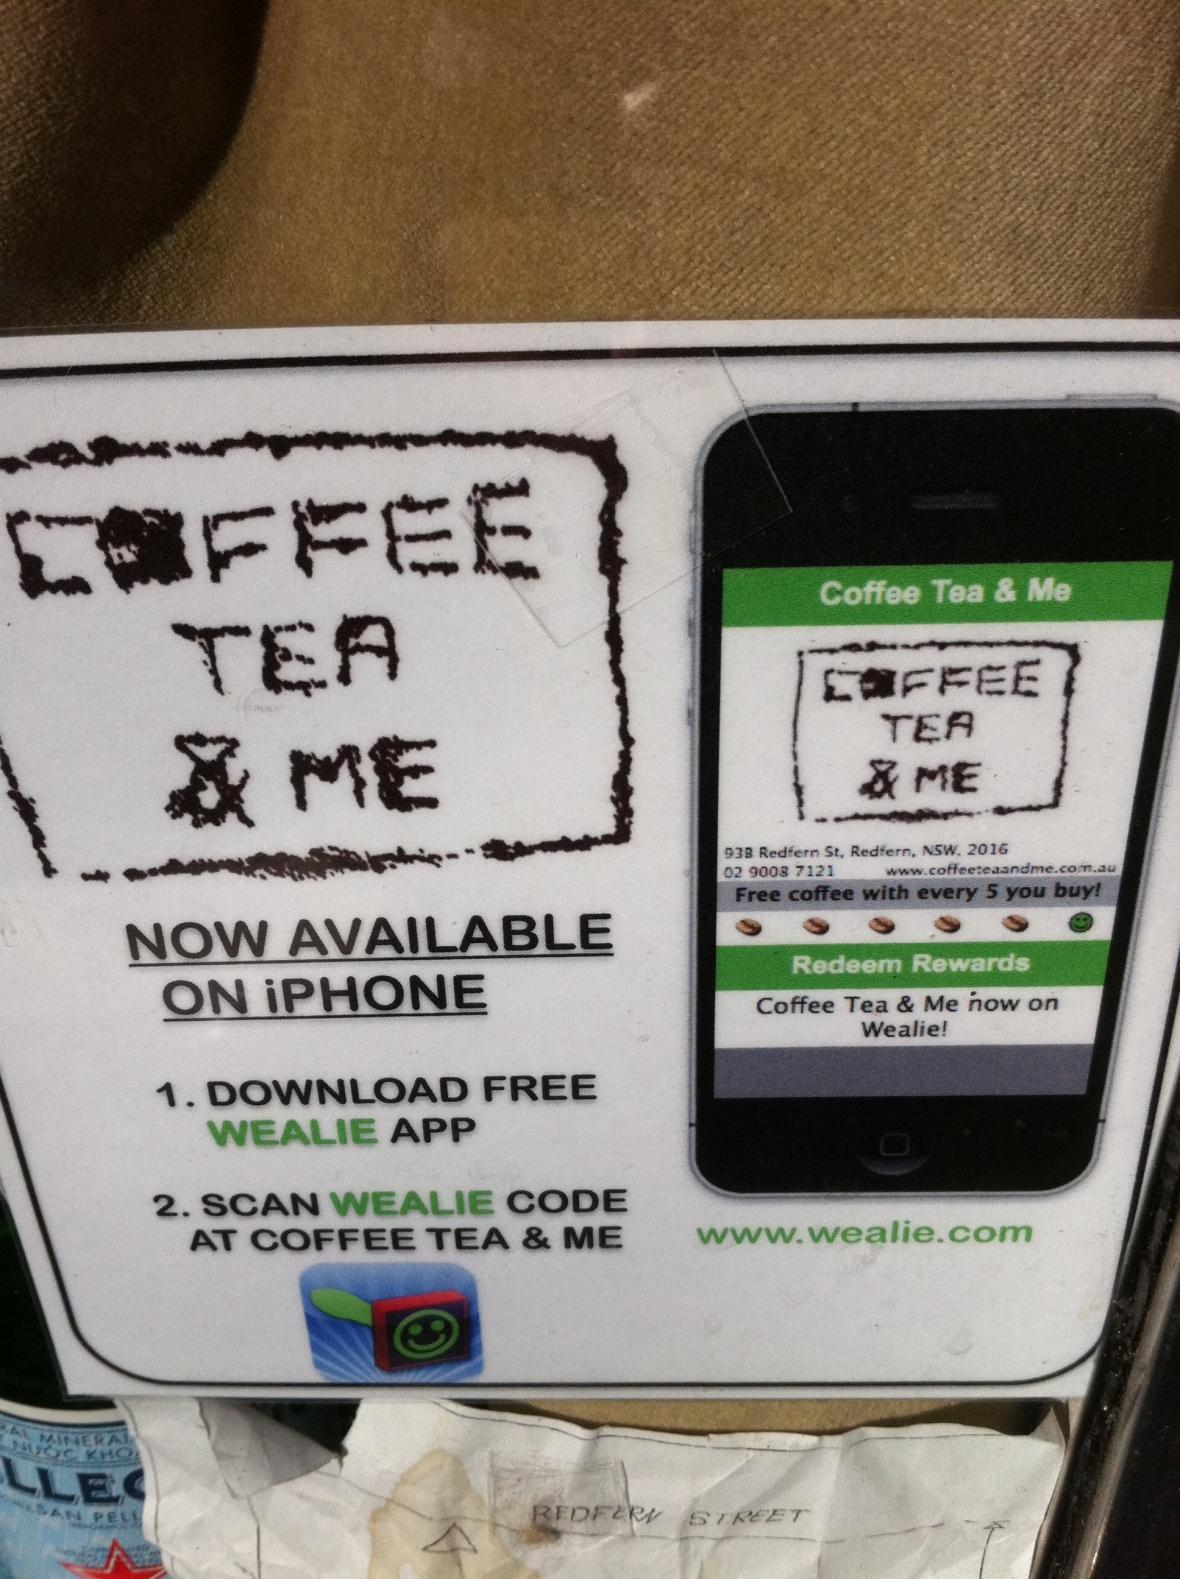 Coffee, Tea, Me - Wealie Loyalty Card app instructions